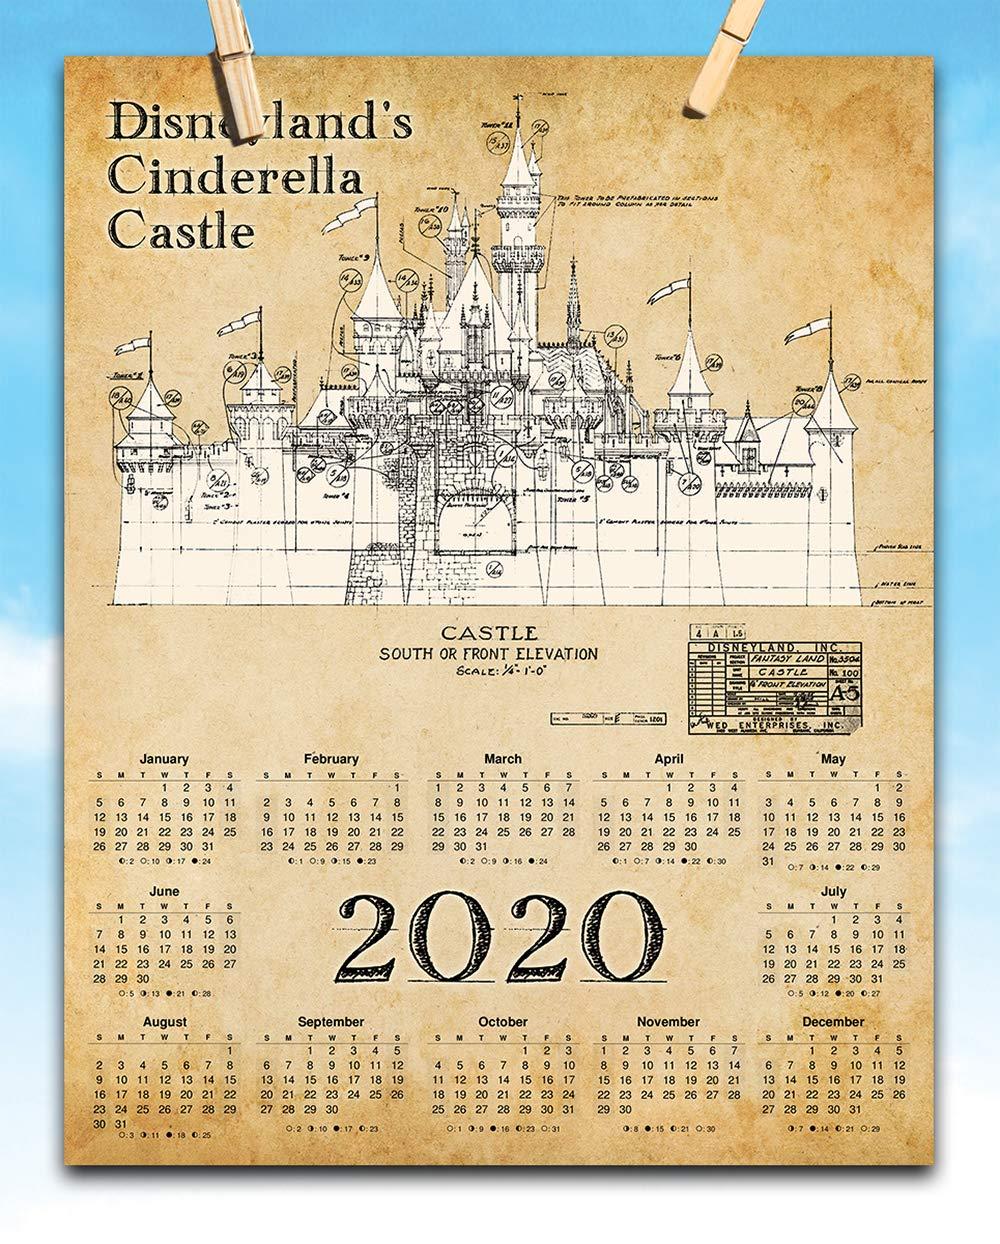 Disneyland December 2020 Calendar Amazon.com: 2020 Calendar   Disneyland Castle   11x14 Unframed